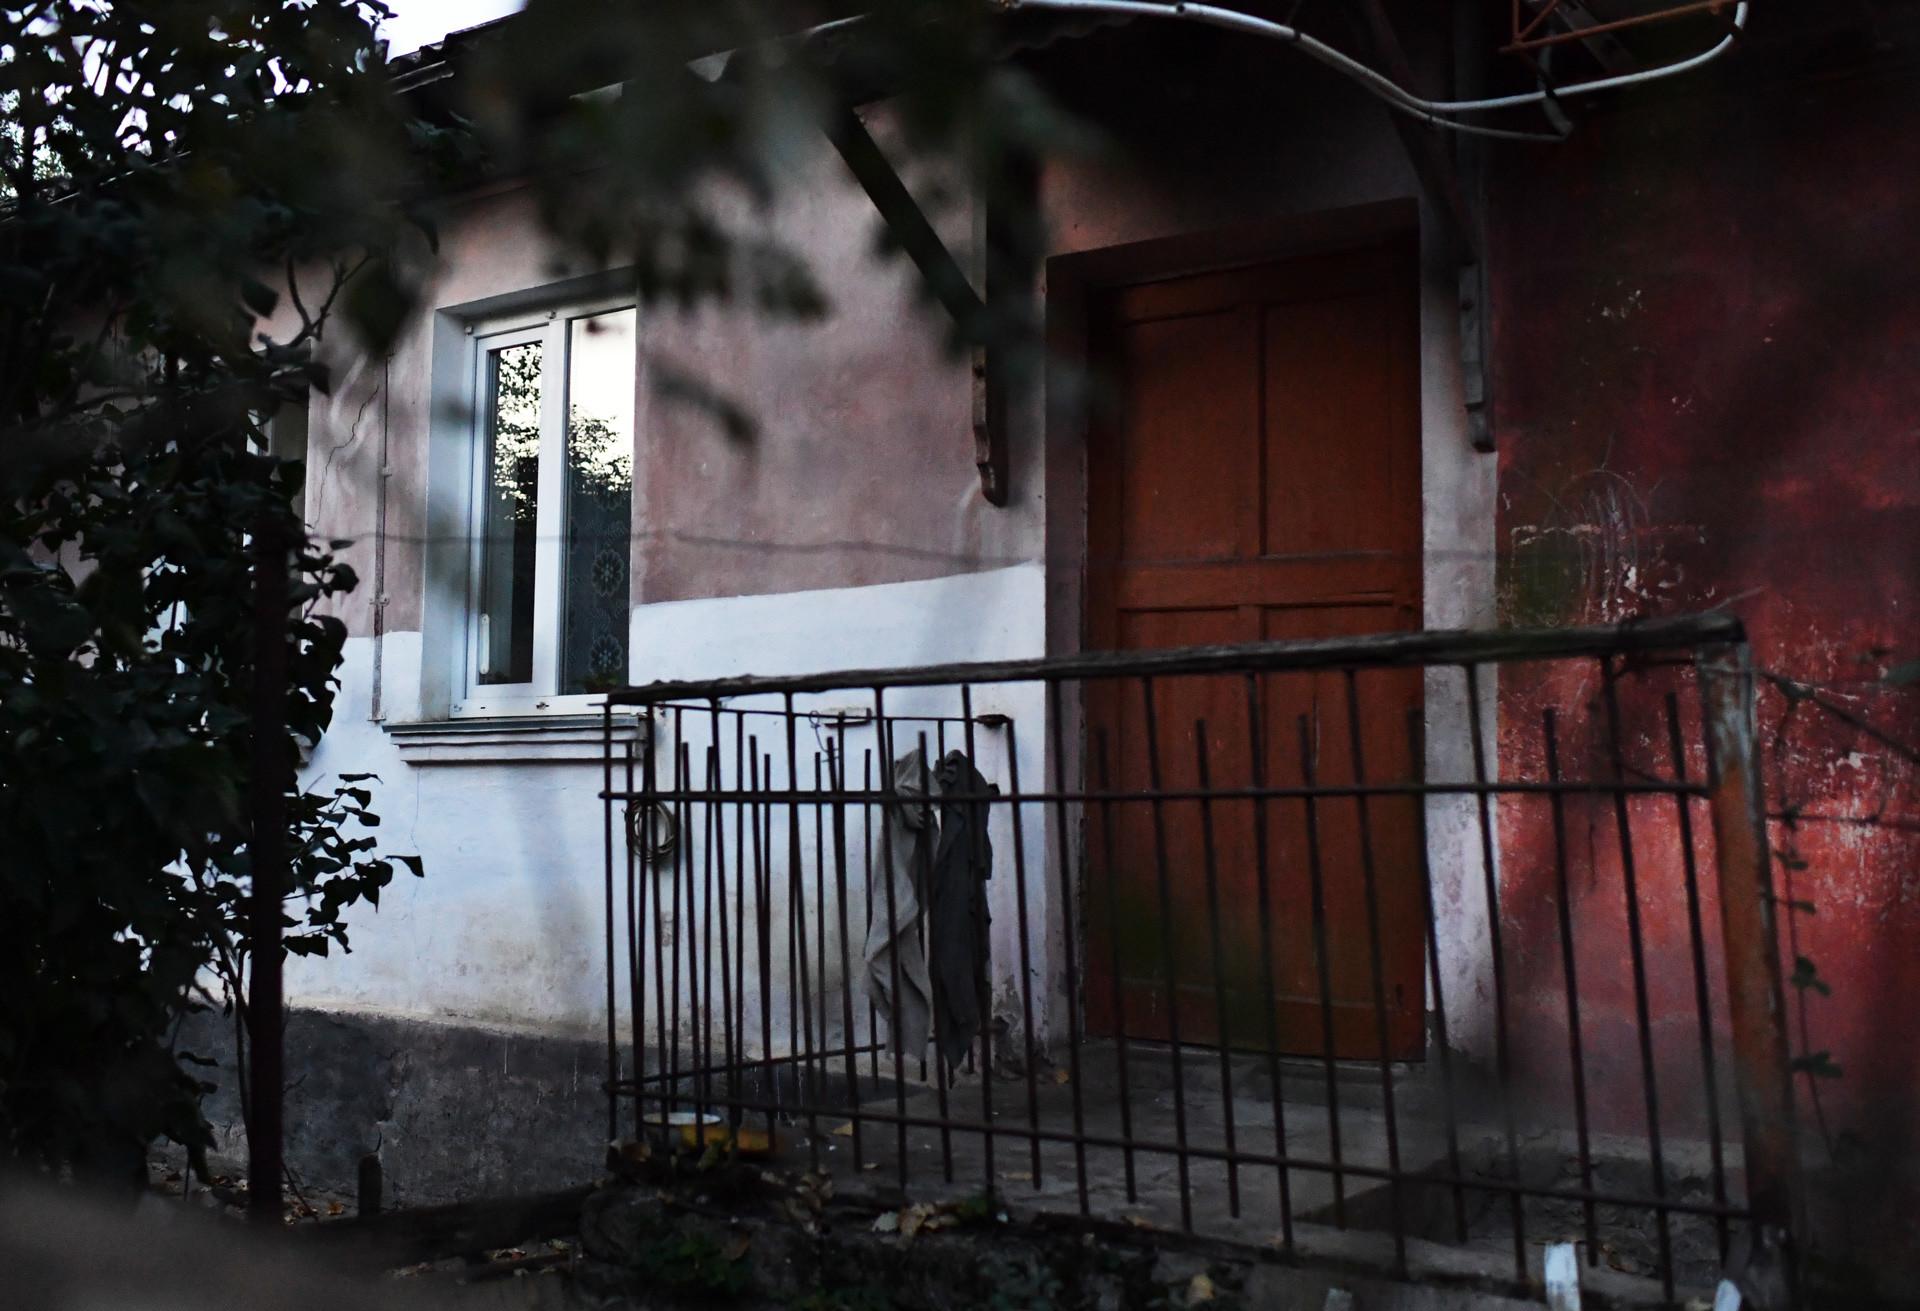 Дом, в котором жил Владислав Росляков. Фото: © РИА Новости / Алексей Мальгавко